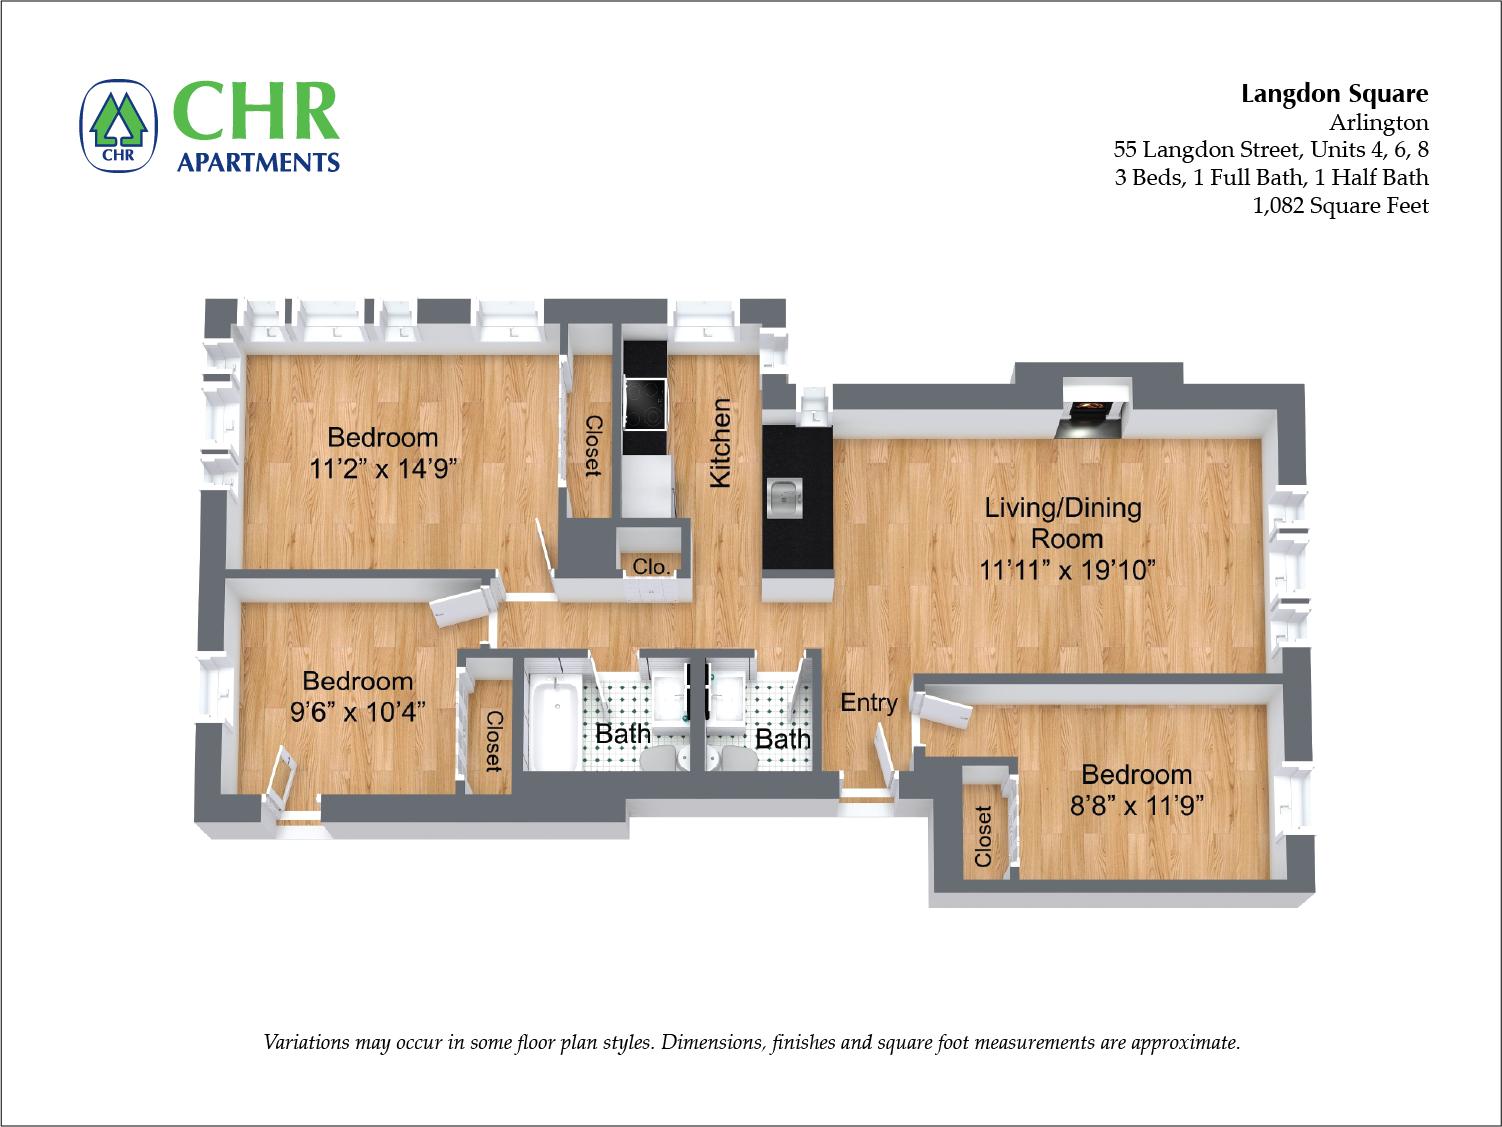 Floor plan 3 Bedroom image 8